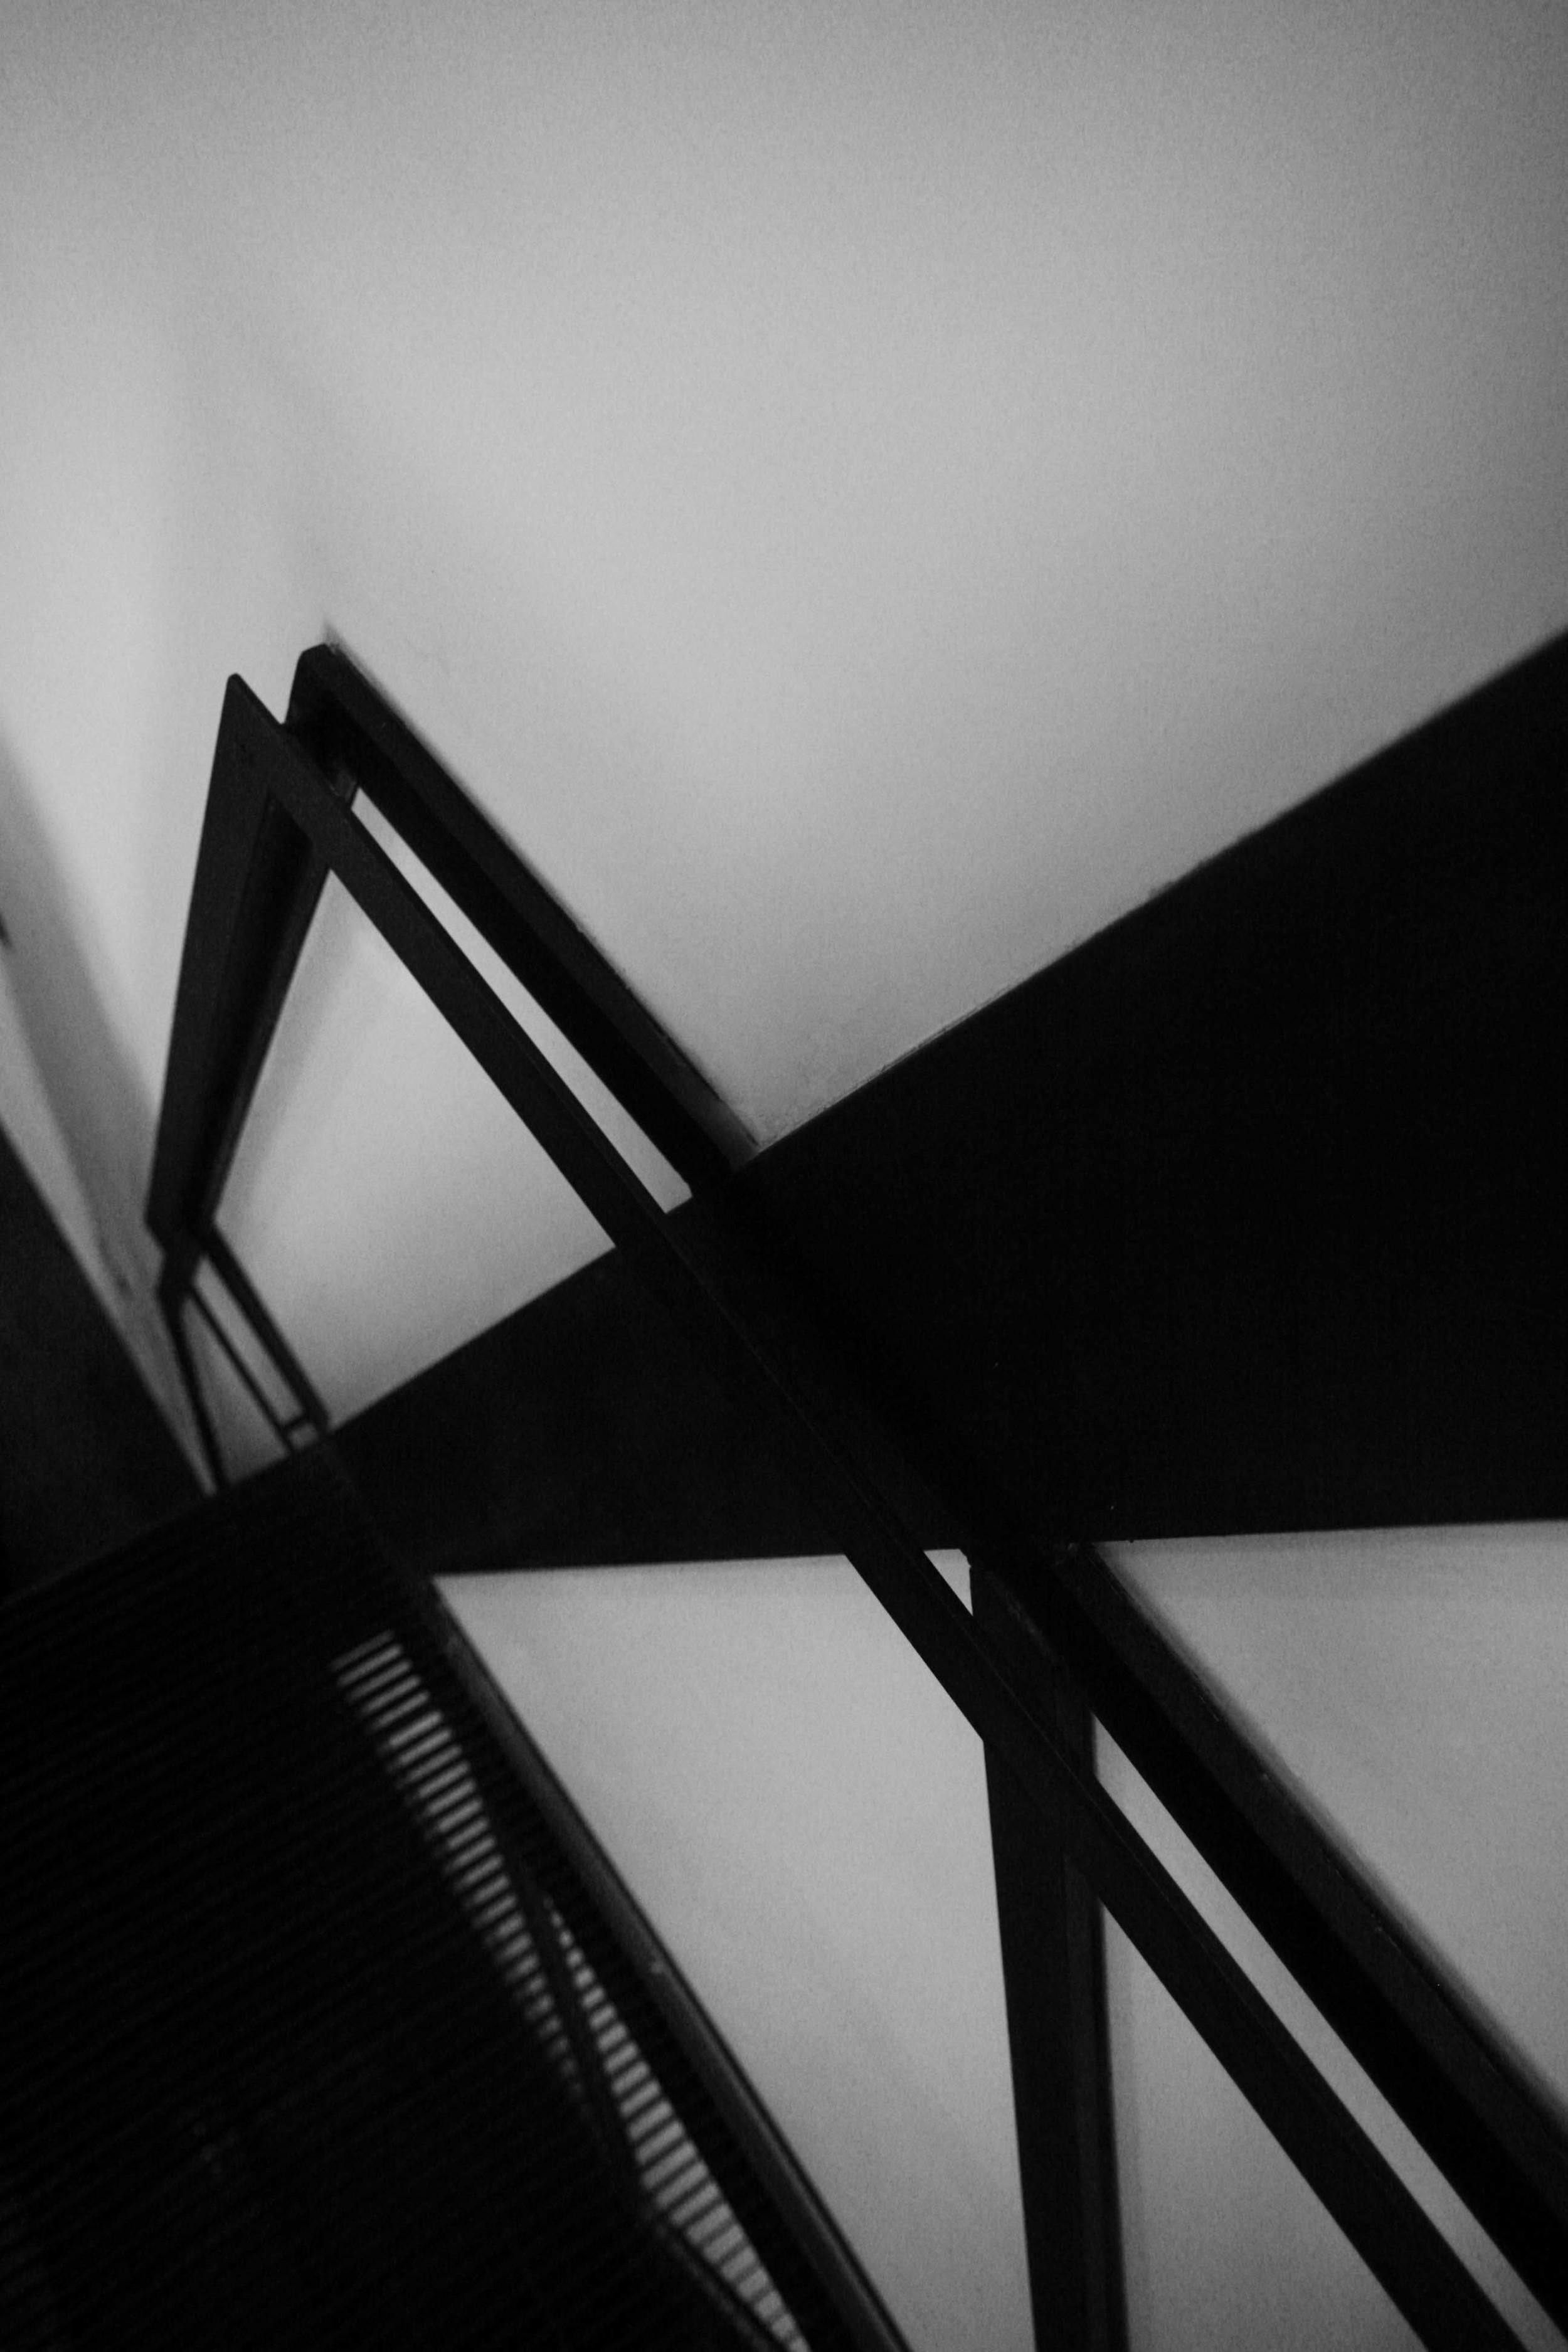 Un dettaglio della scala in ferro, con il corrimano che ricalca l'andamento dell'intelaiatura strutturale.